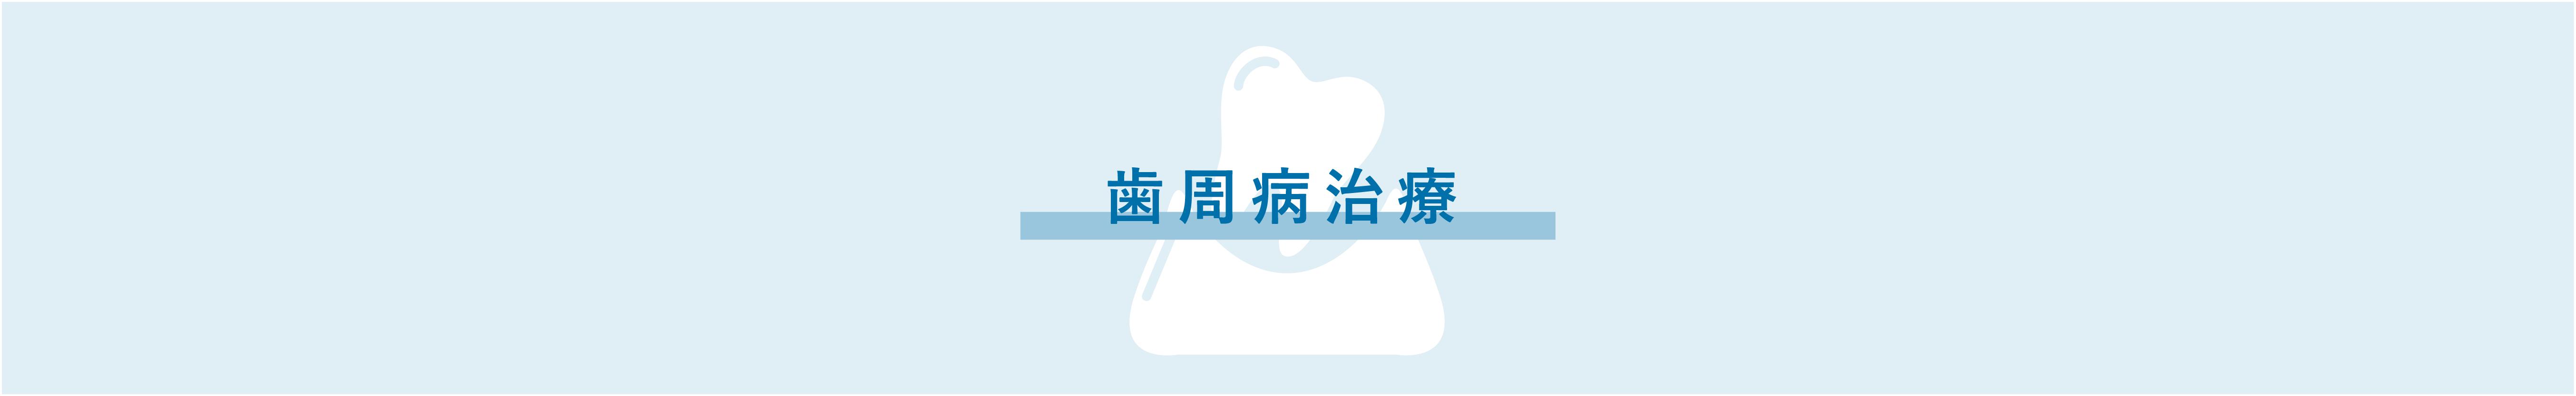 歯周病治療バナー